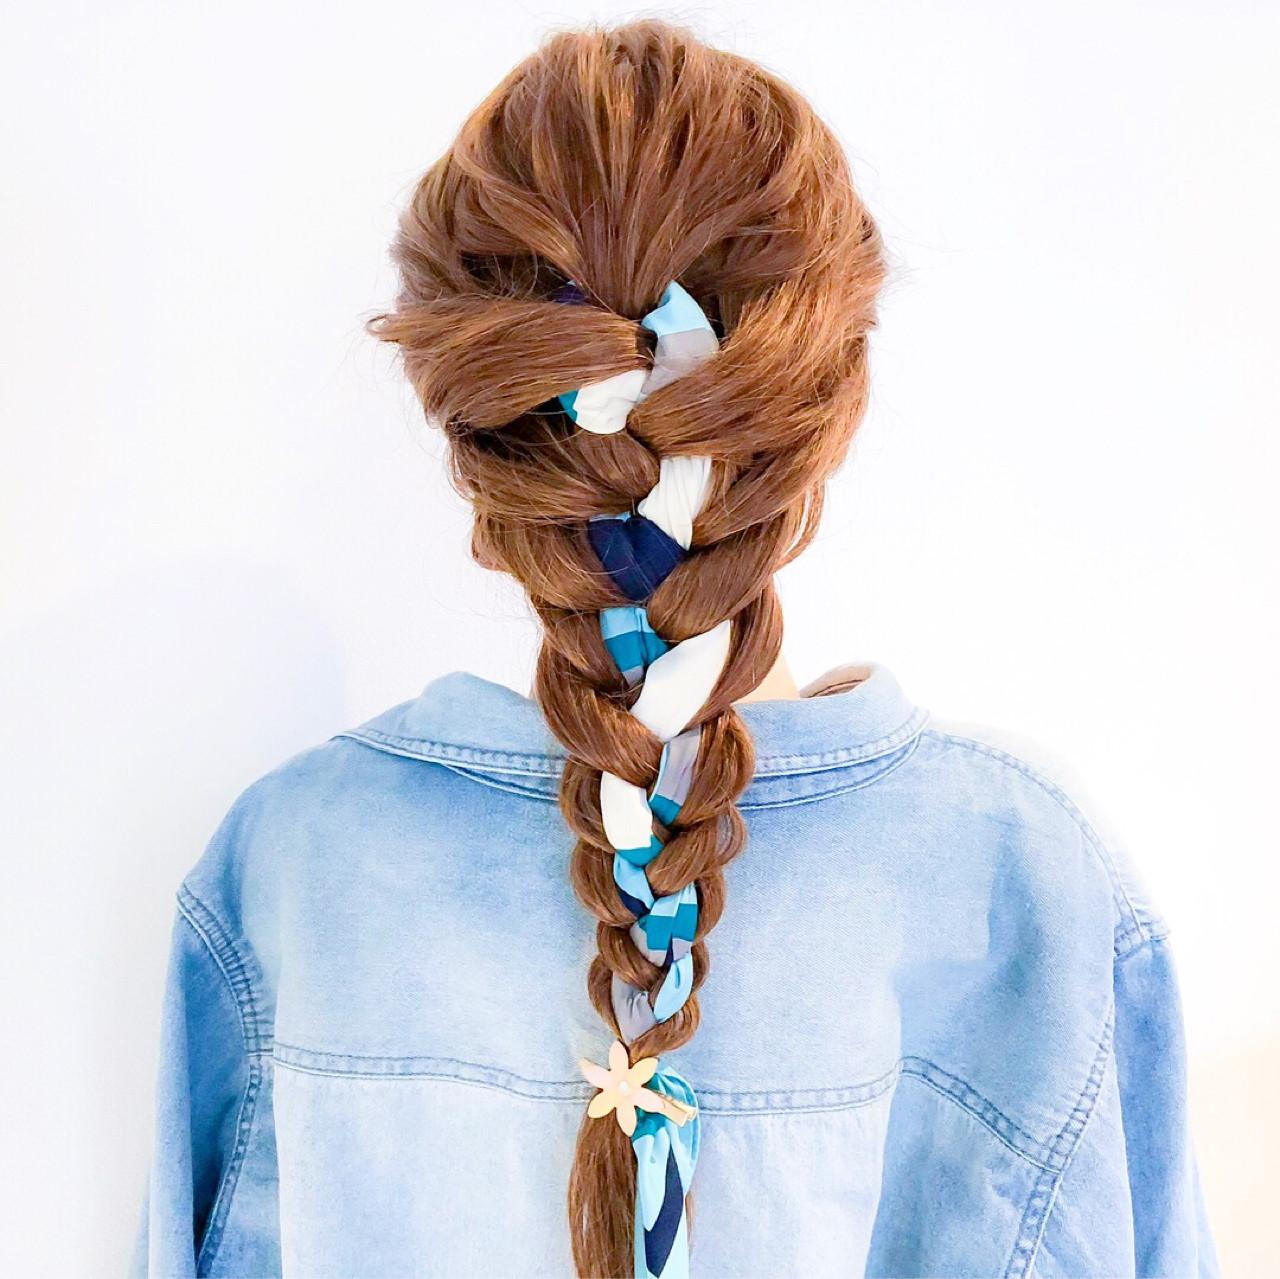 ロング アウトドア フェミニン 編み込み ヘアスタイルや髪型の写真・画像